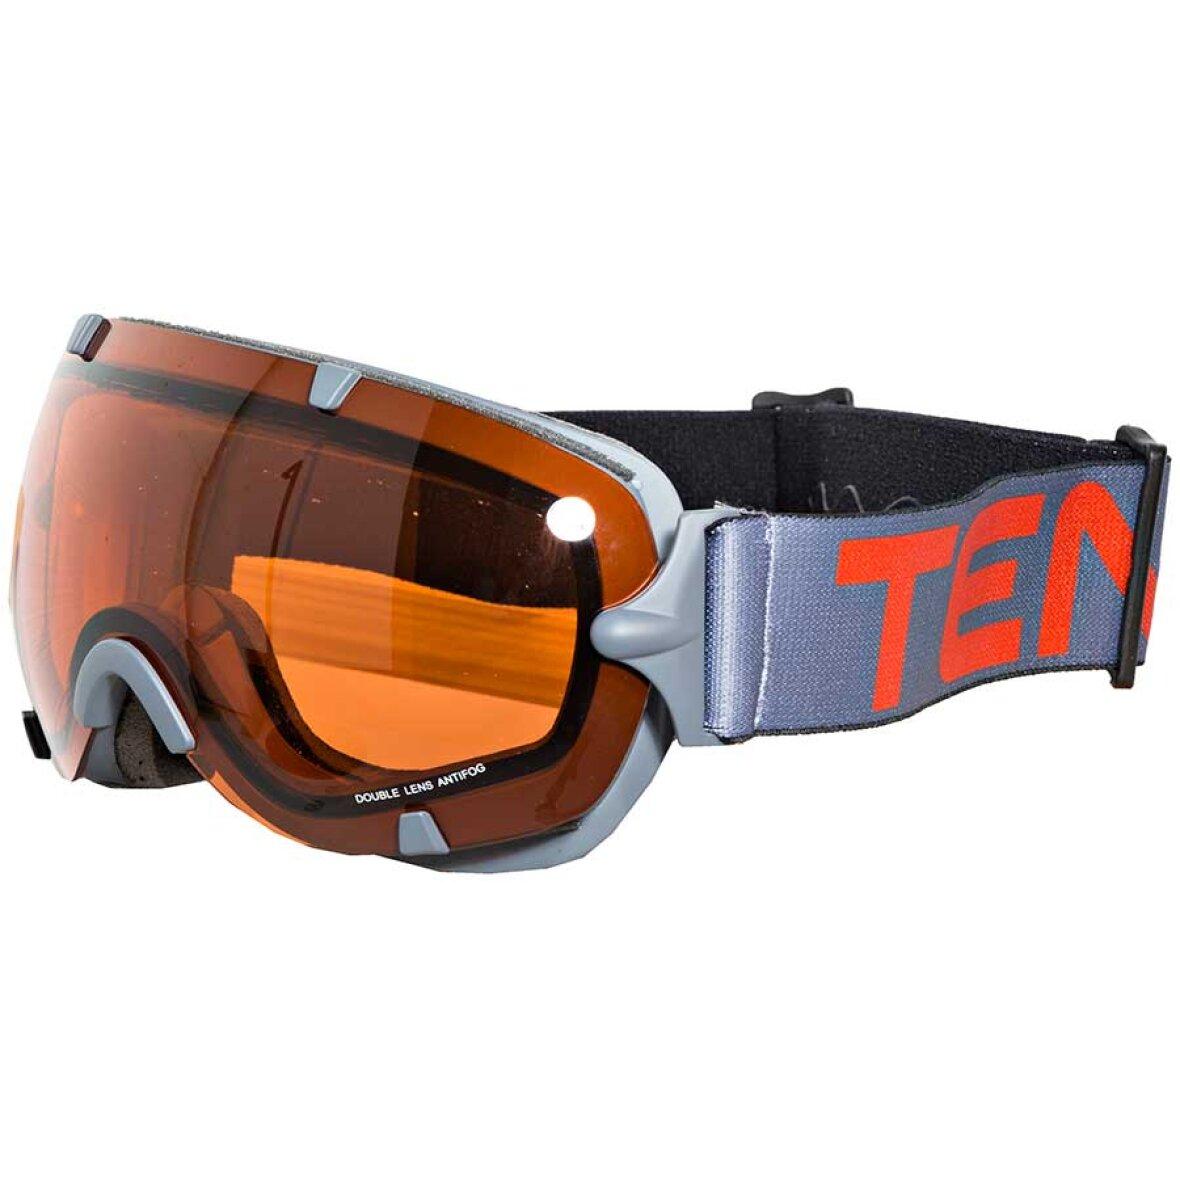 Goggles - Promoe Skibrille Antracithe er fede Goggles i lækre ... d9b61163ae042